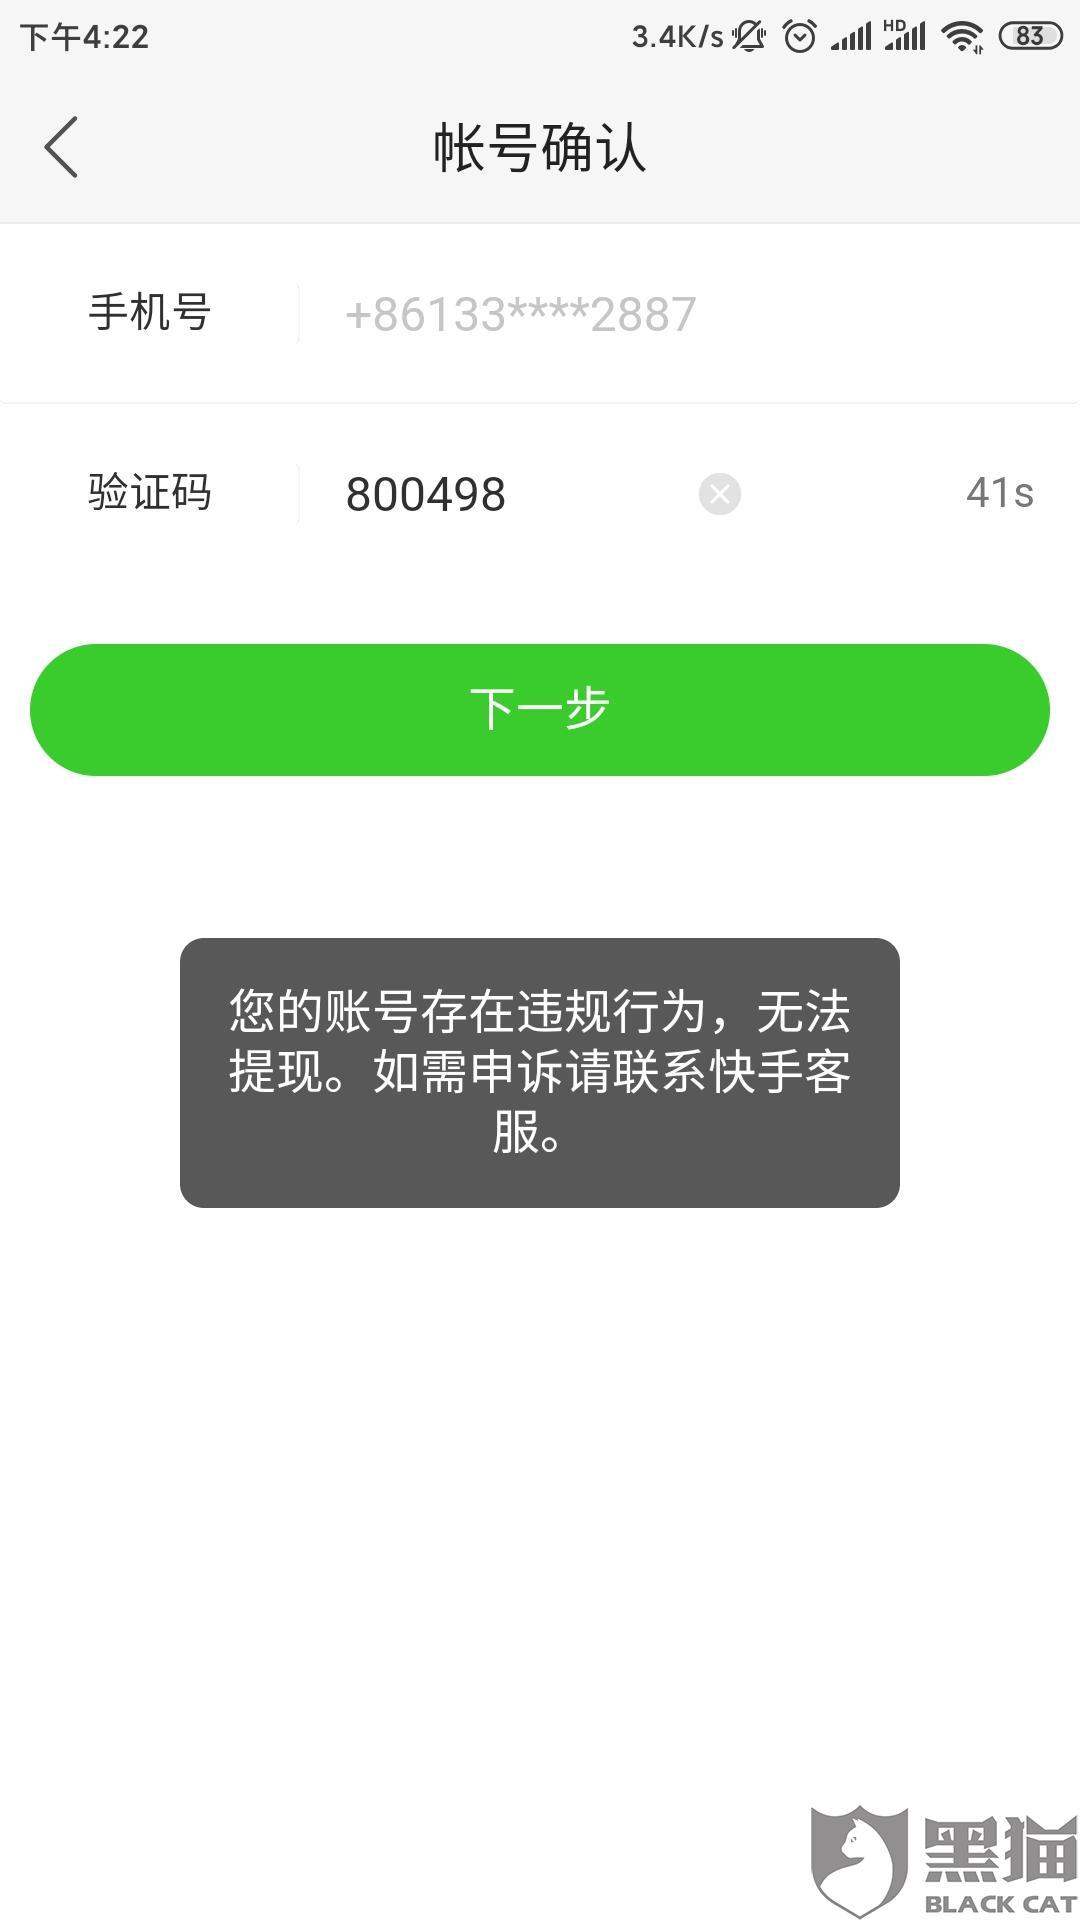 黑猫投诉:快手极速版推广活动欺骗用户